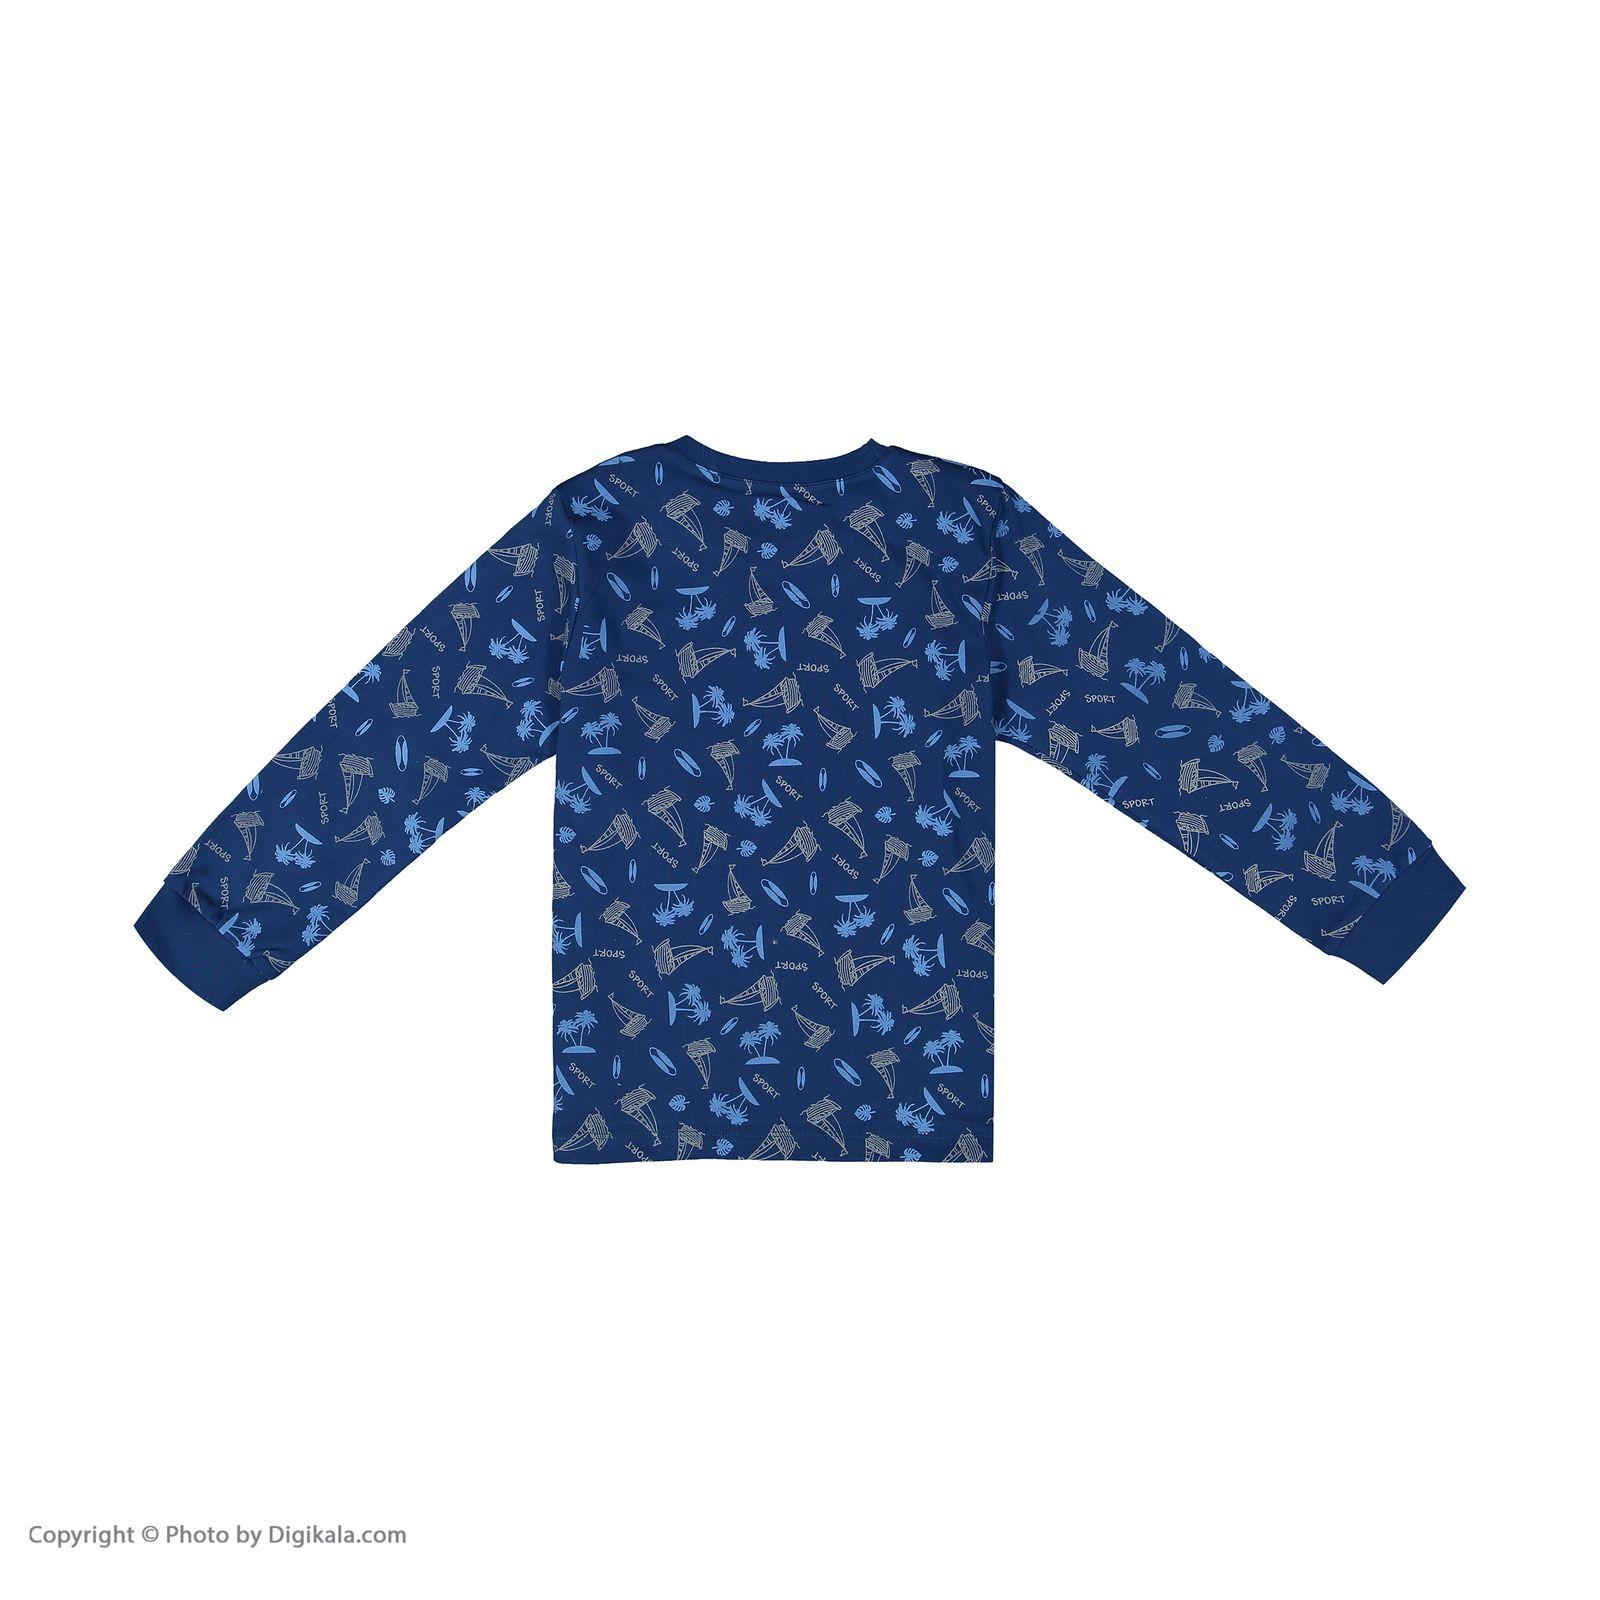 ست تی شرت و شلوار پسرانه مادر مدل 306-79 main 1 3